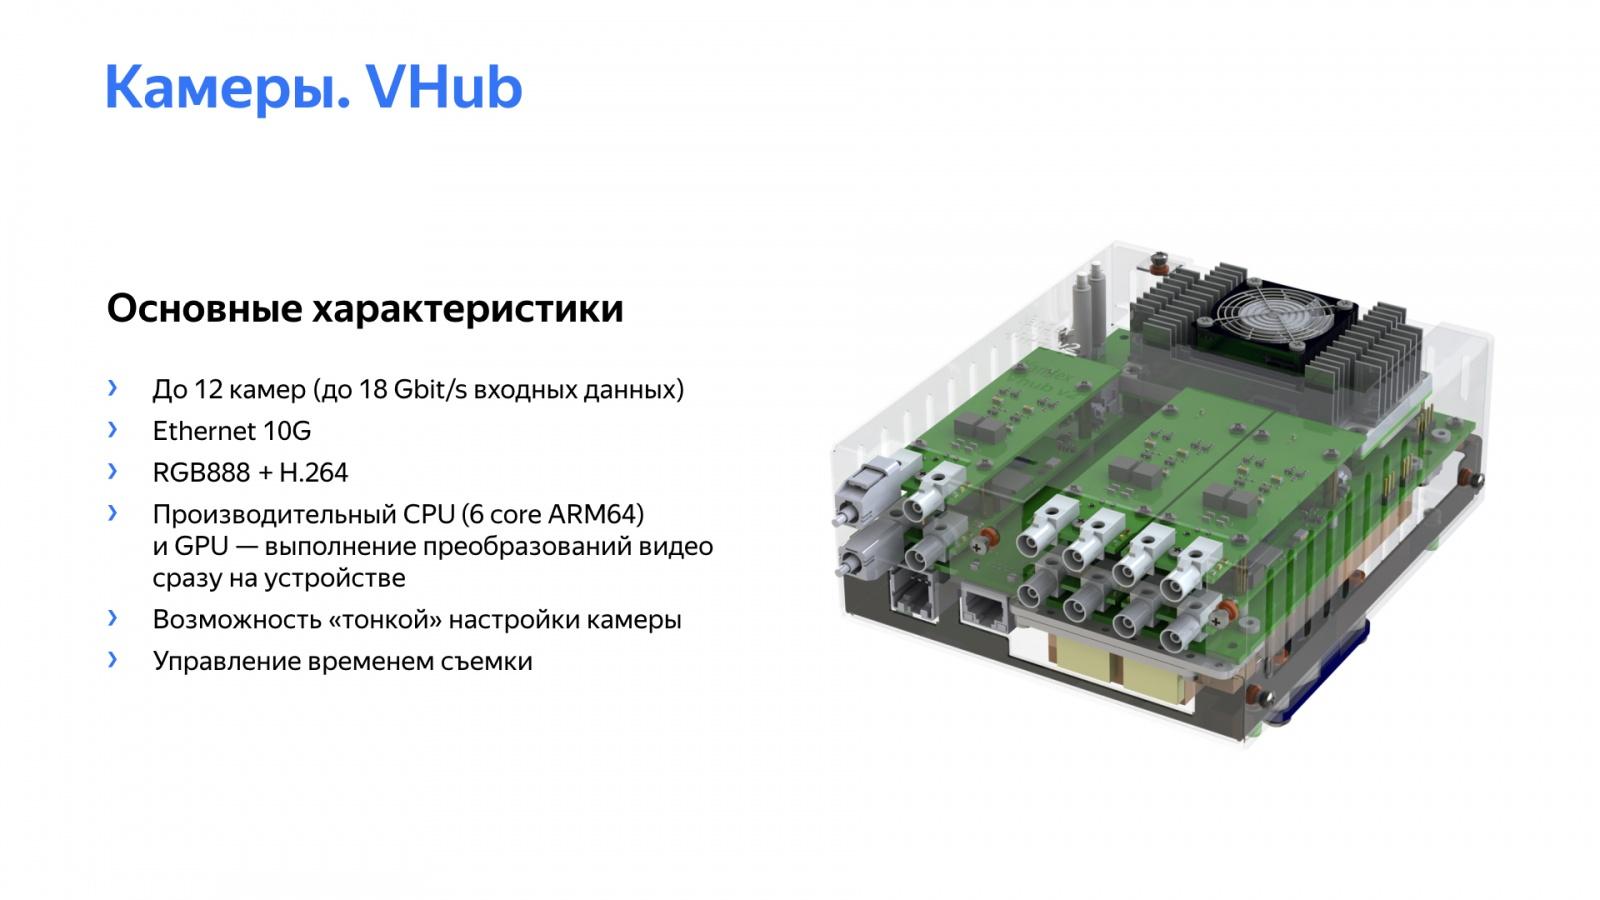 Беспилотный автомобиль: оживляем алгоритмы. Доклад Яндекса - 20